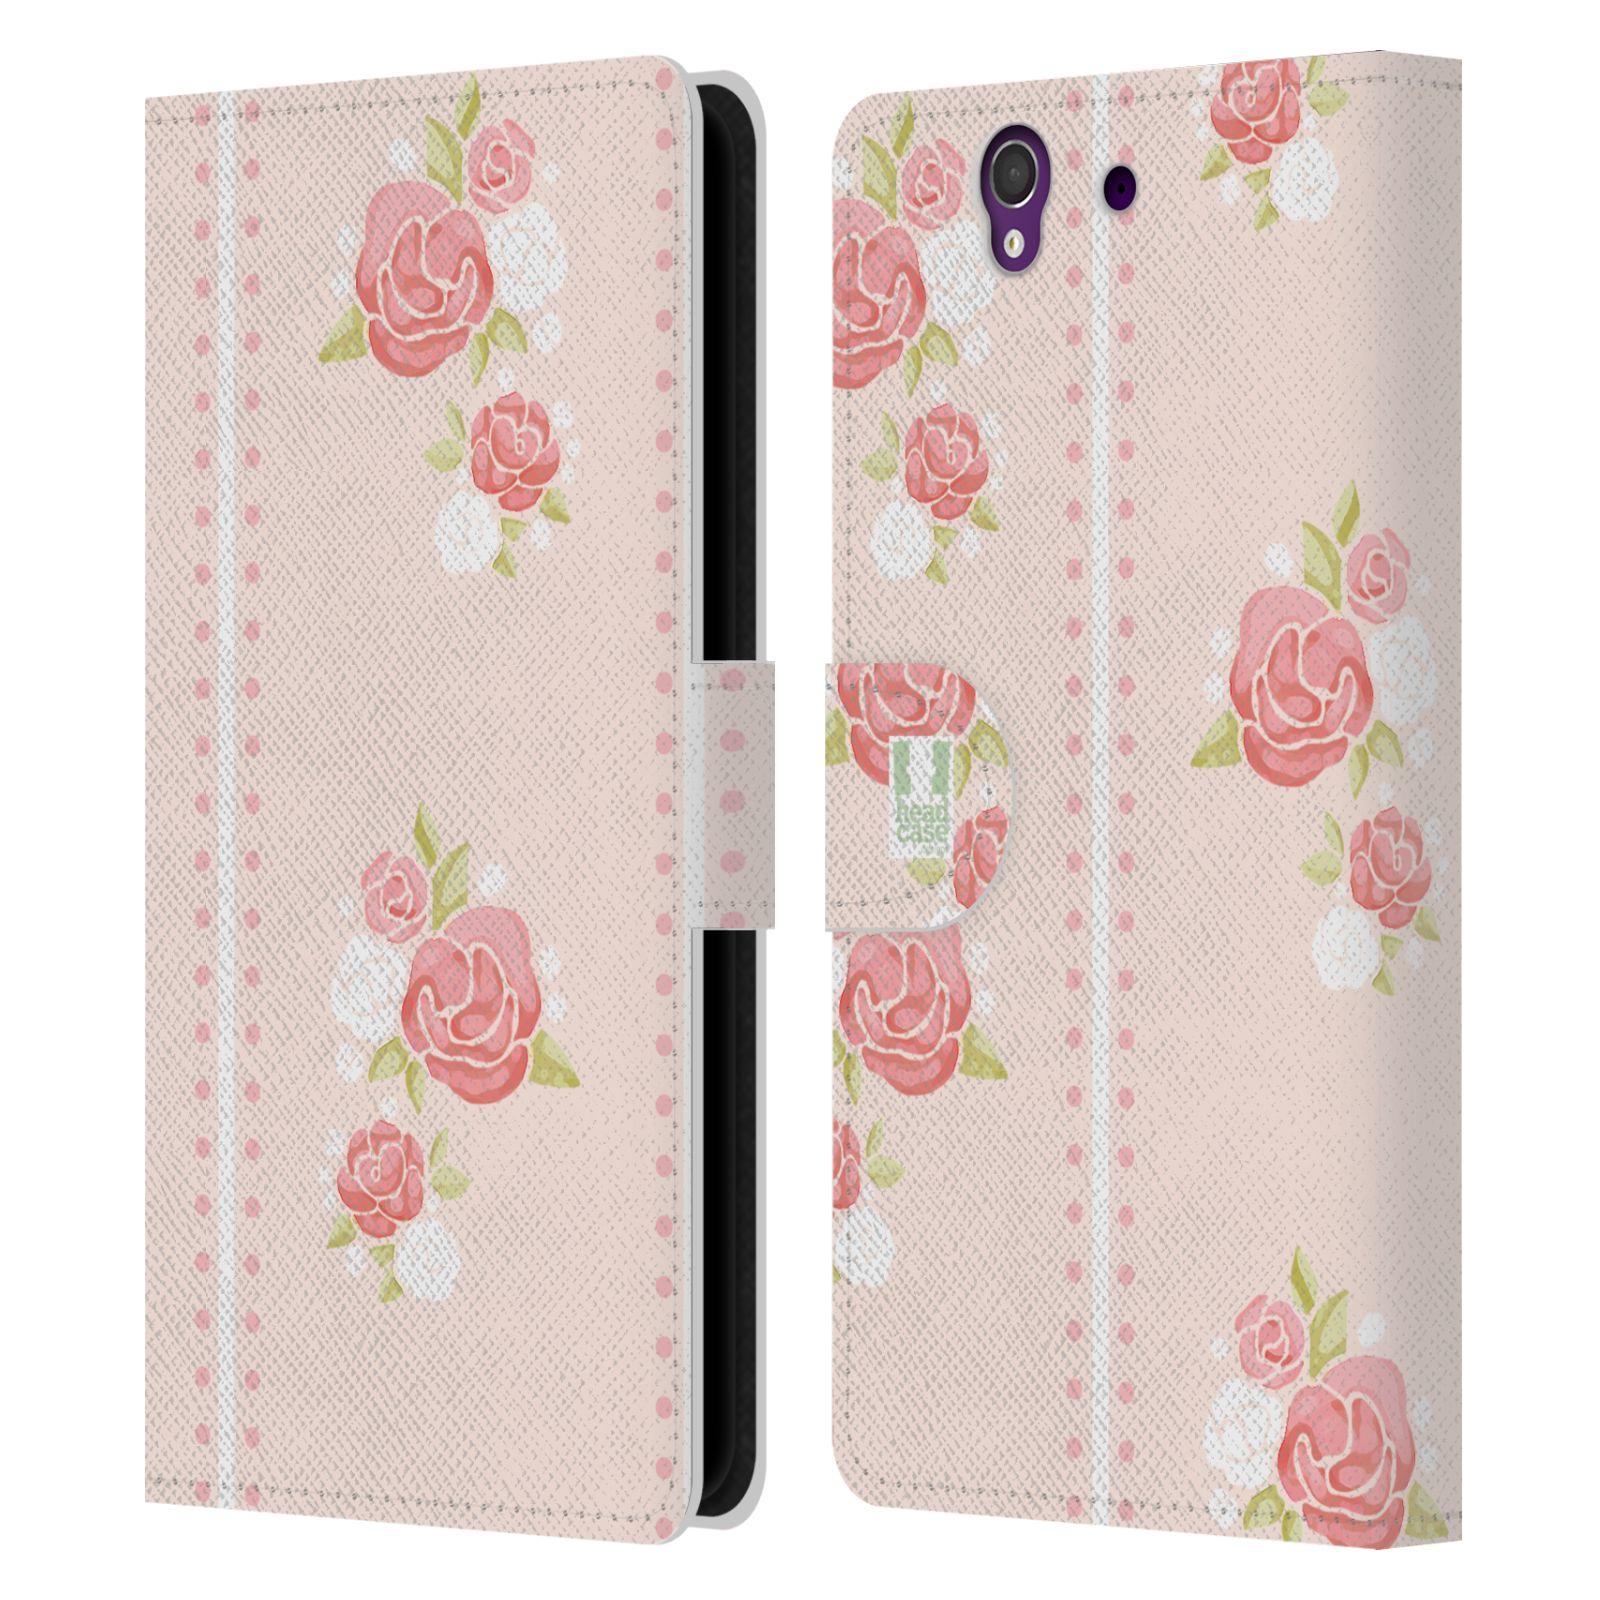 HEAD CASE Flipové pouzdro pro mobil SONY XPERIA Z (C6603) Francouzský venkov pruhy a růže růžová barva